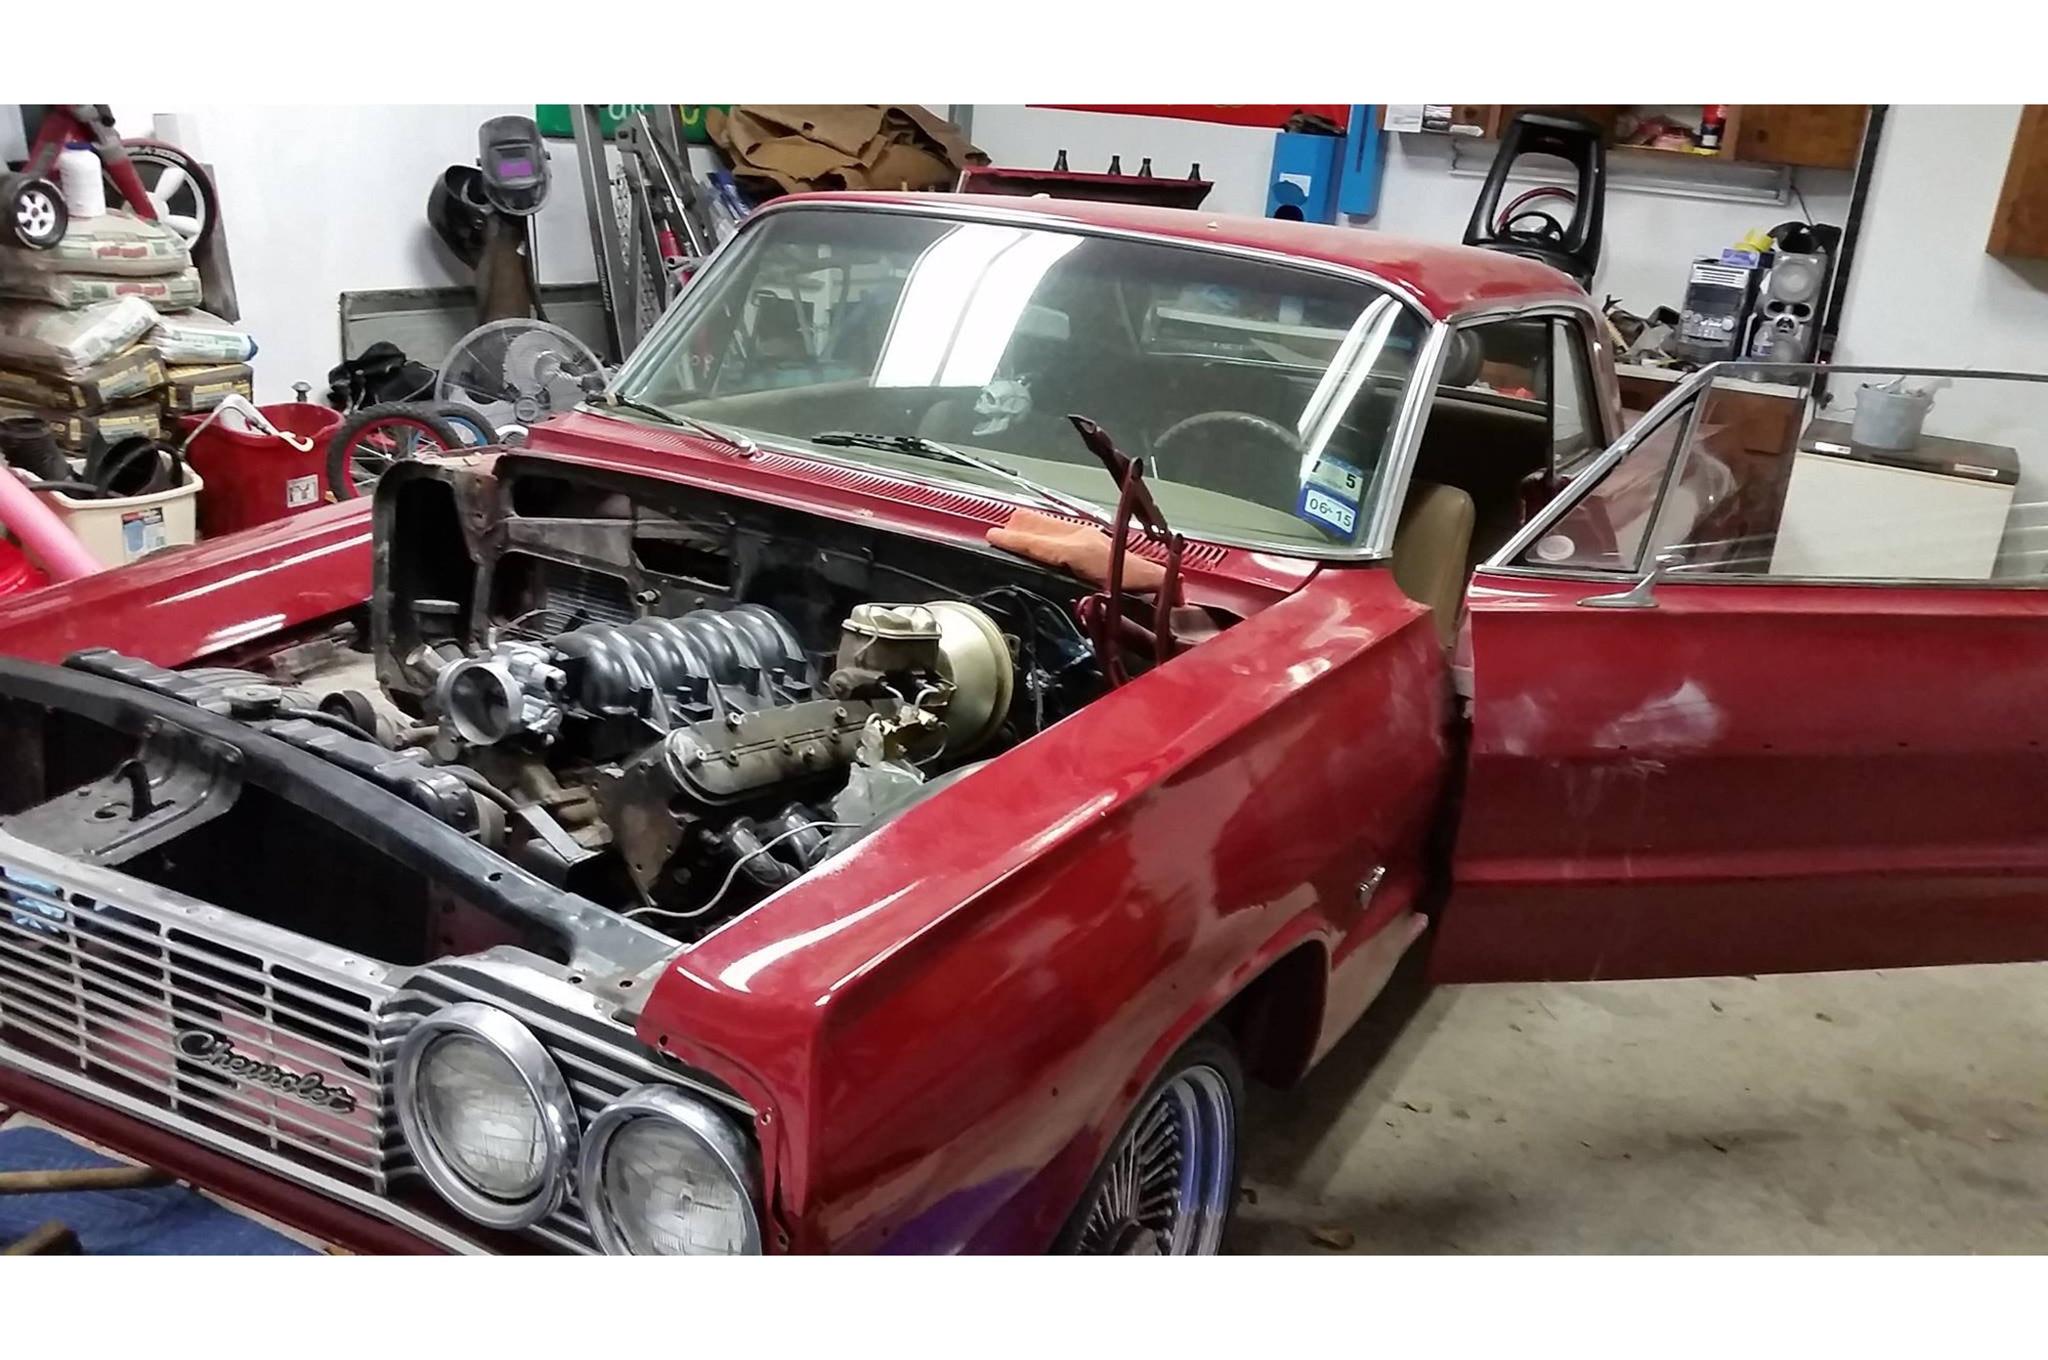 09 GM V10 Stillborn Prototype 1964 Impala